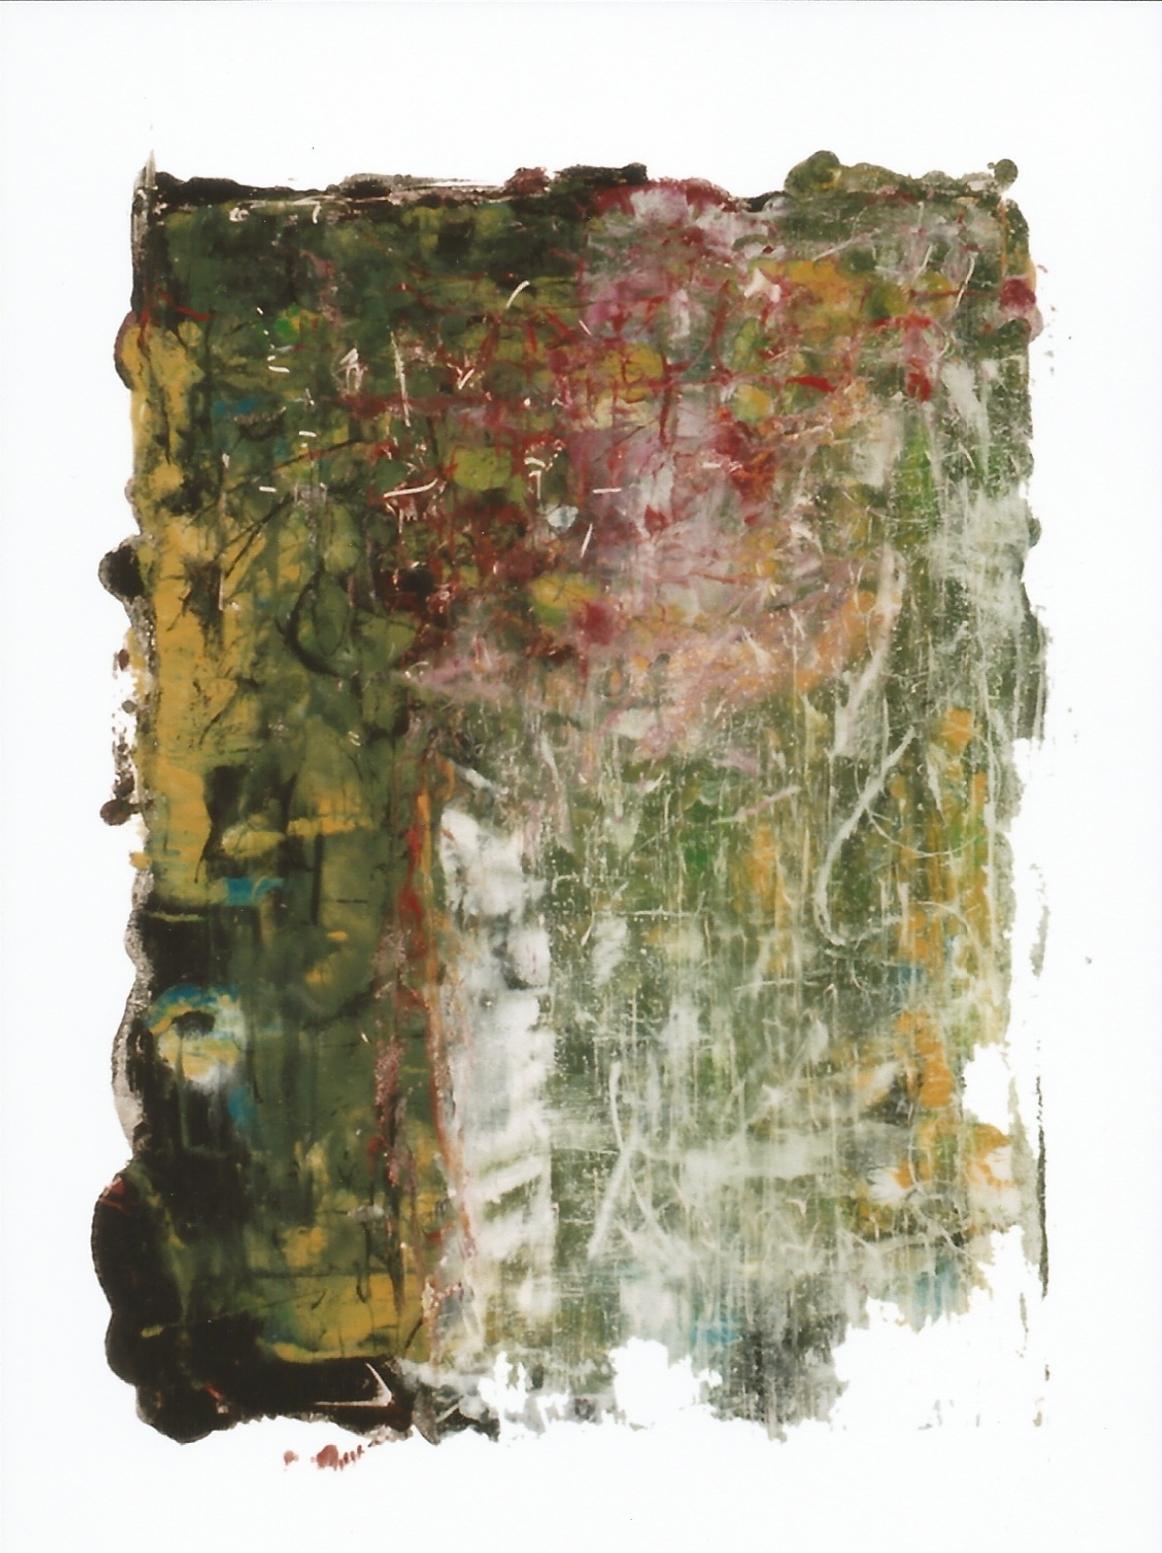 SOPLO DE VERANO, 2007 oil on glass, 27 x 20. $160